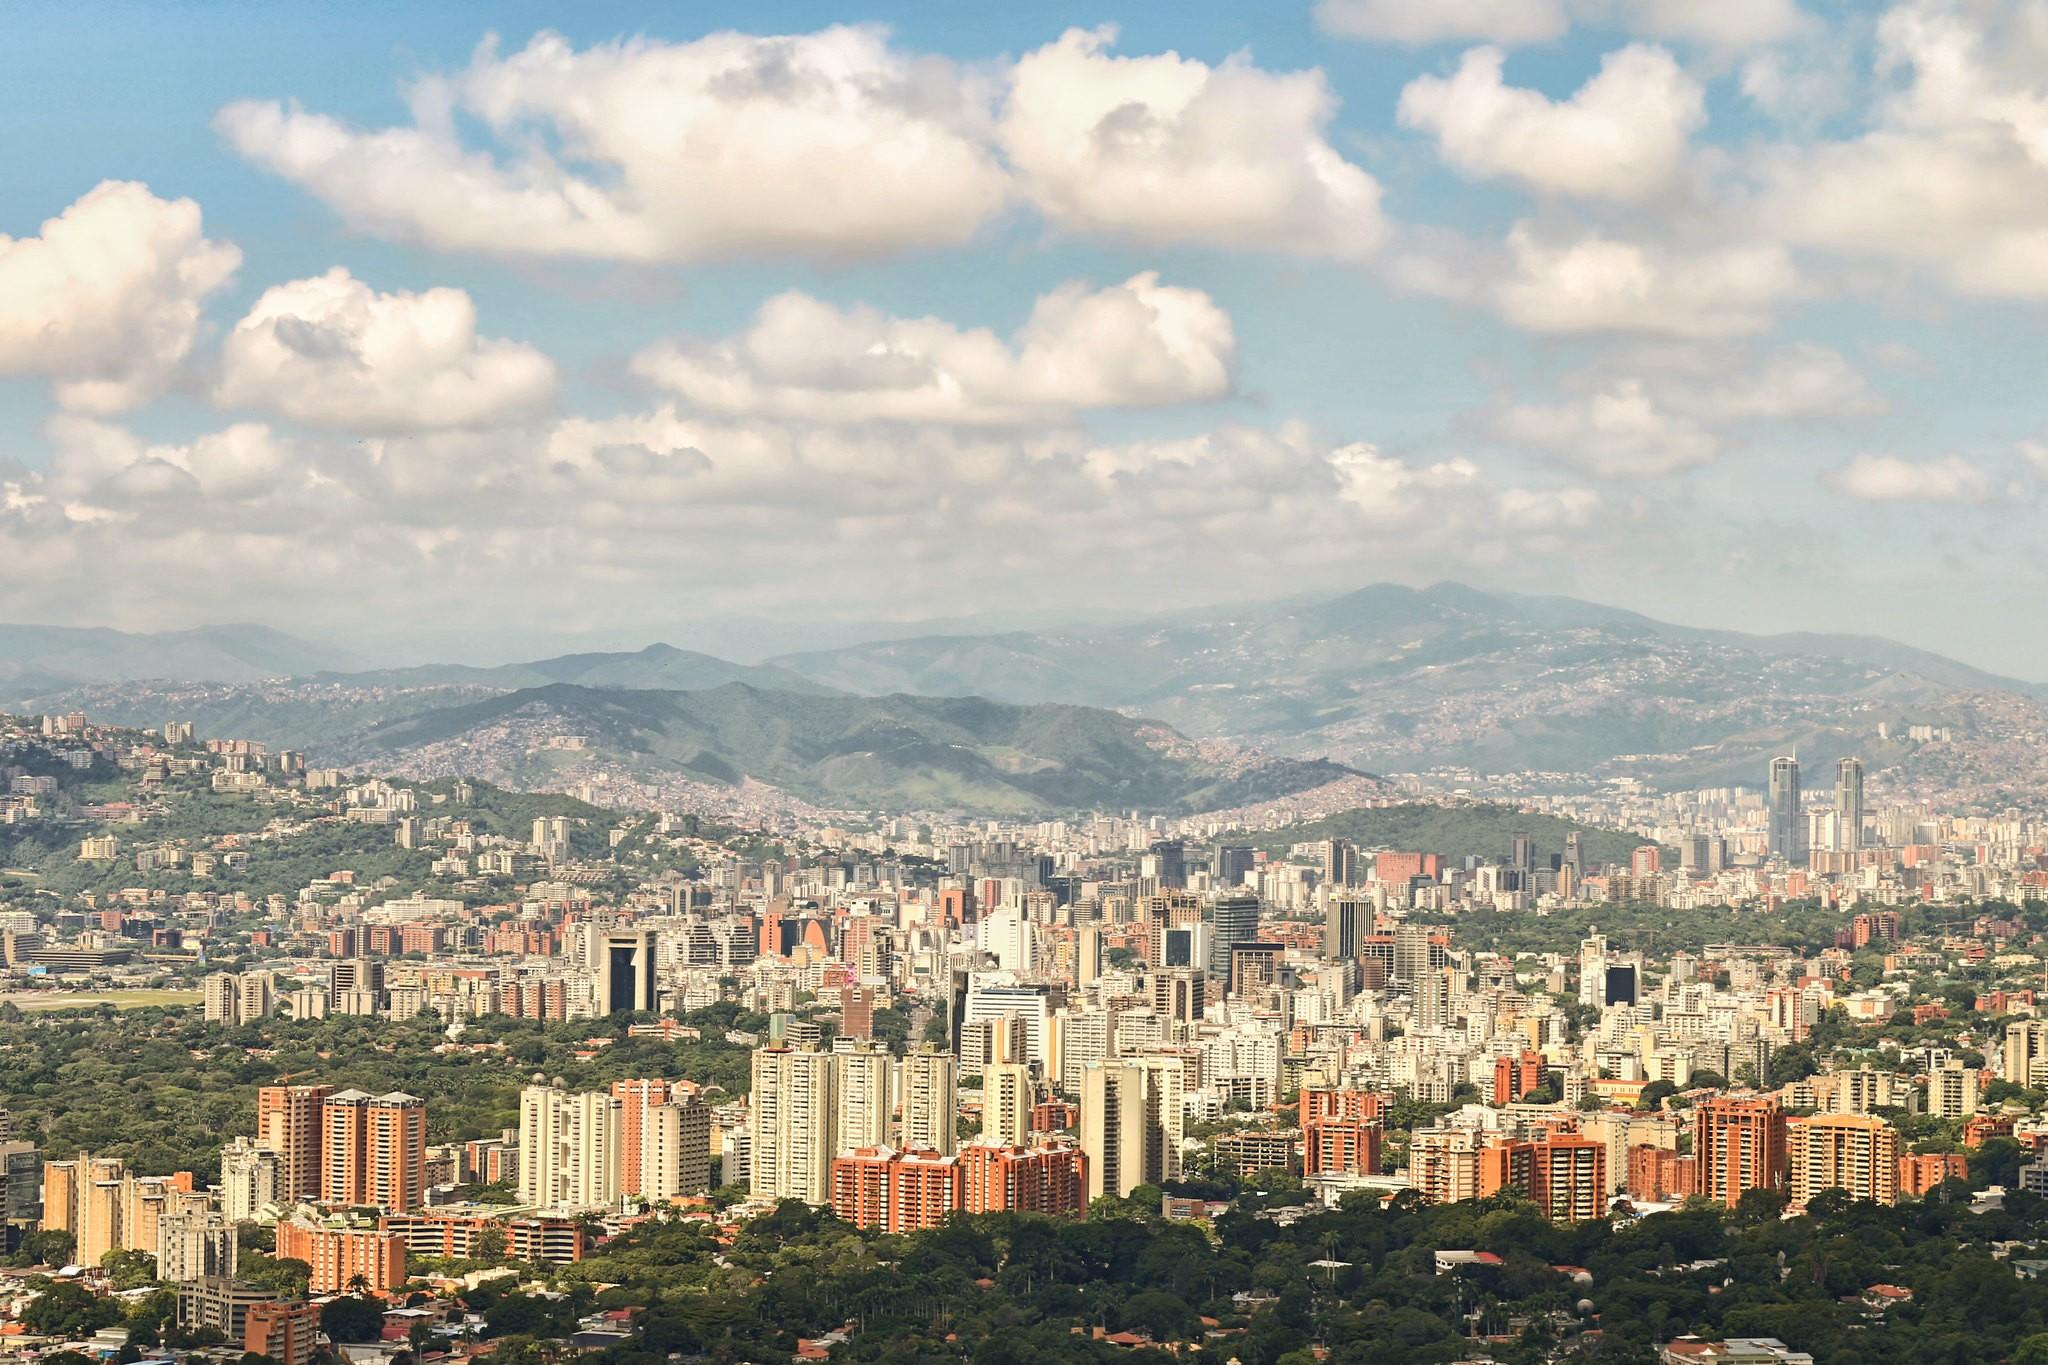 Cidade de Caracas, capital da Venezuela (Foto: Flickr/Fernando Flores/Creative Commons)